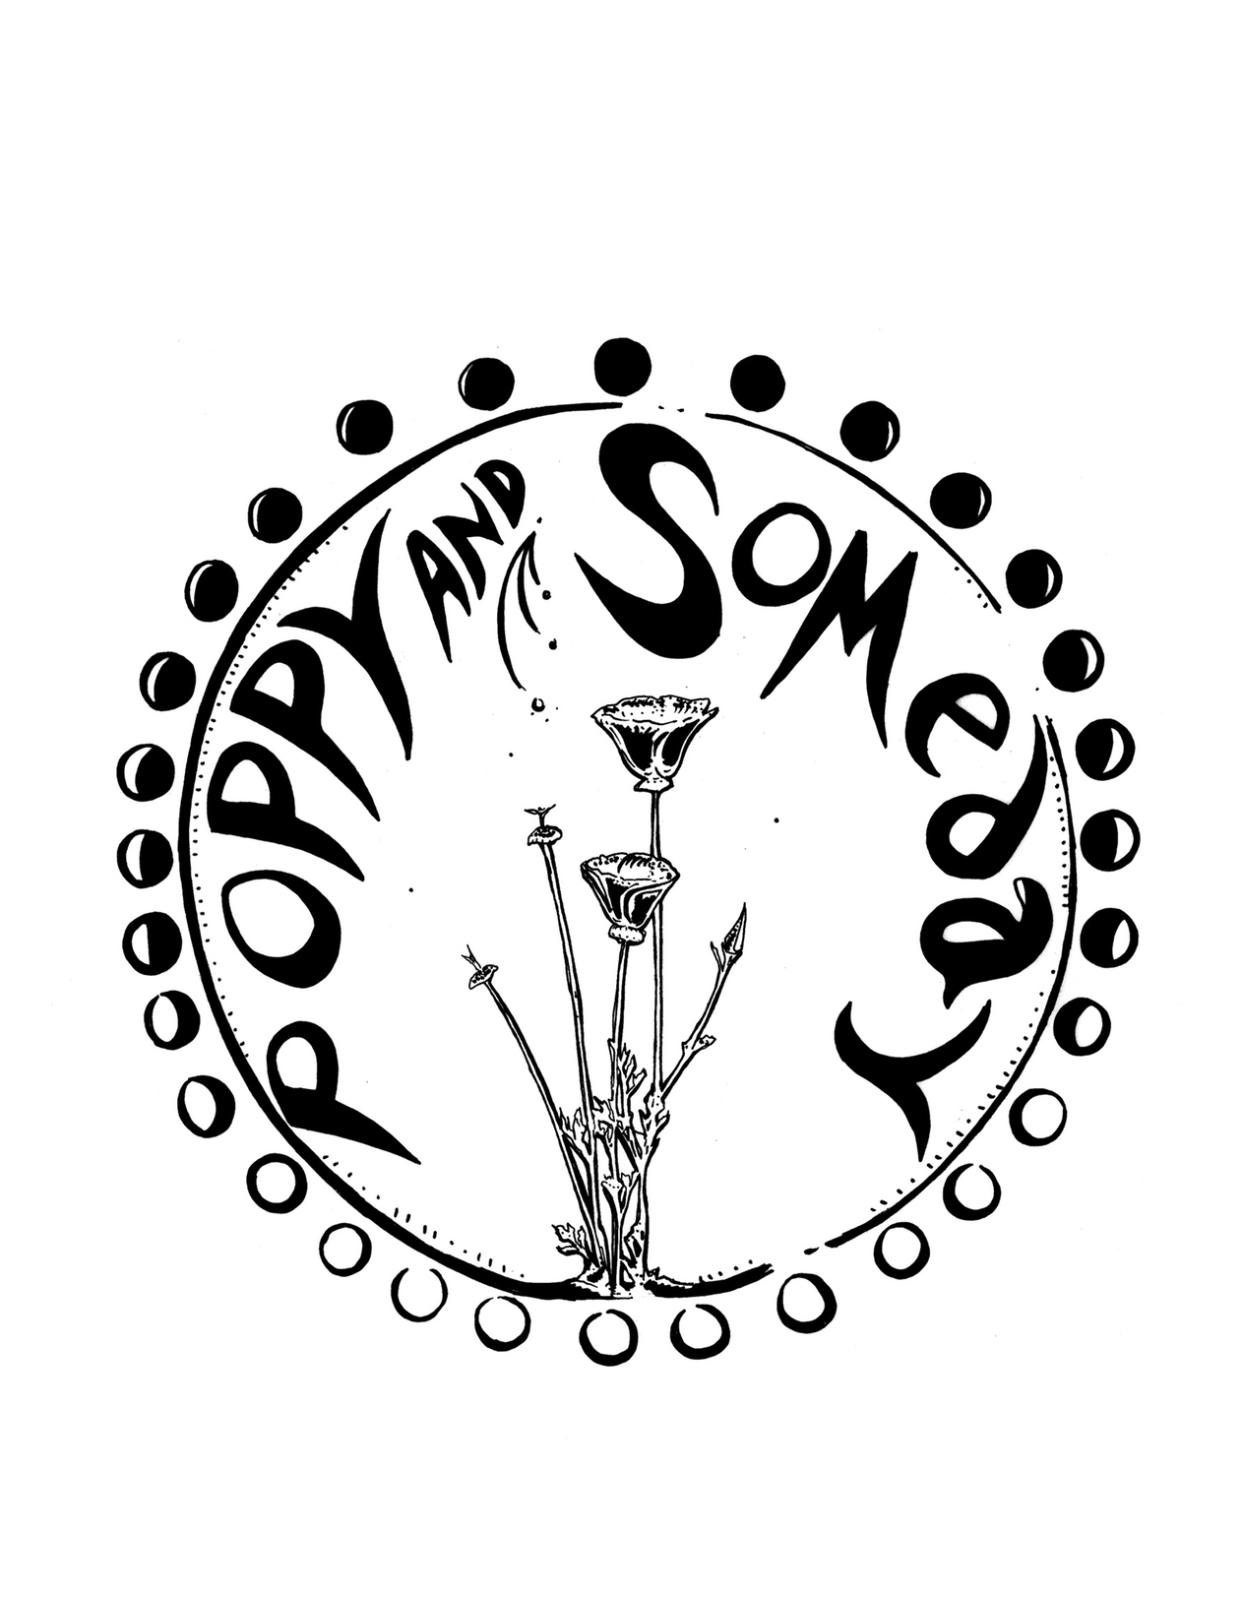 Poppy and Someday